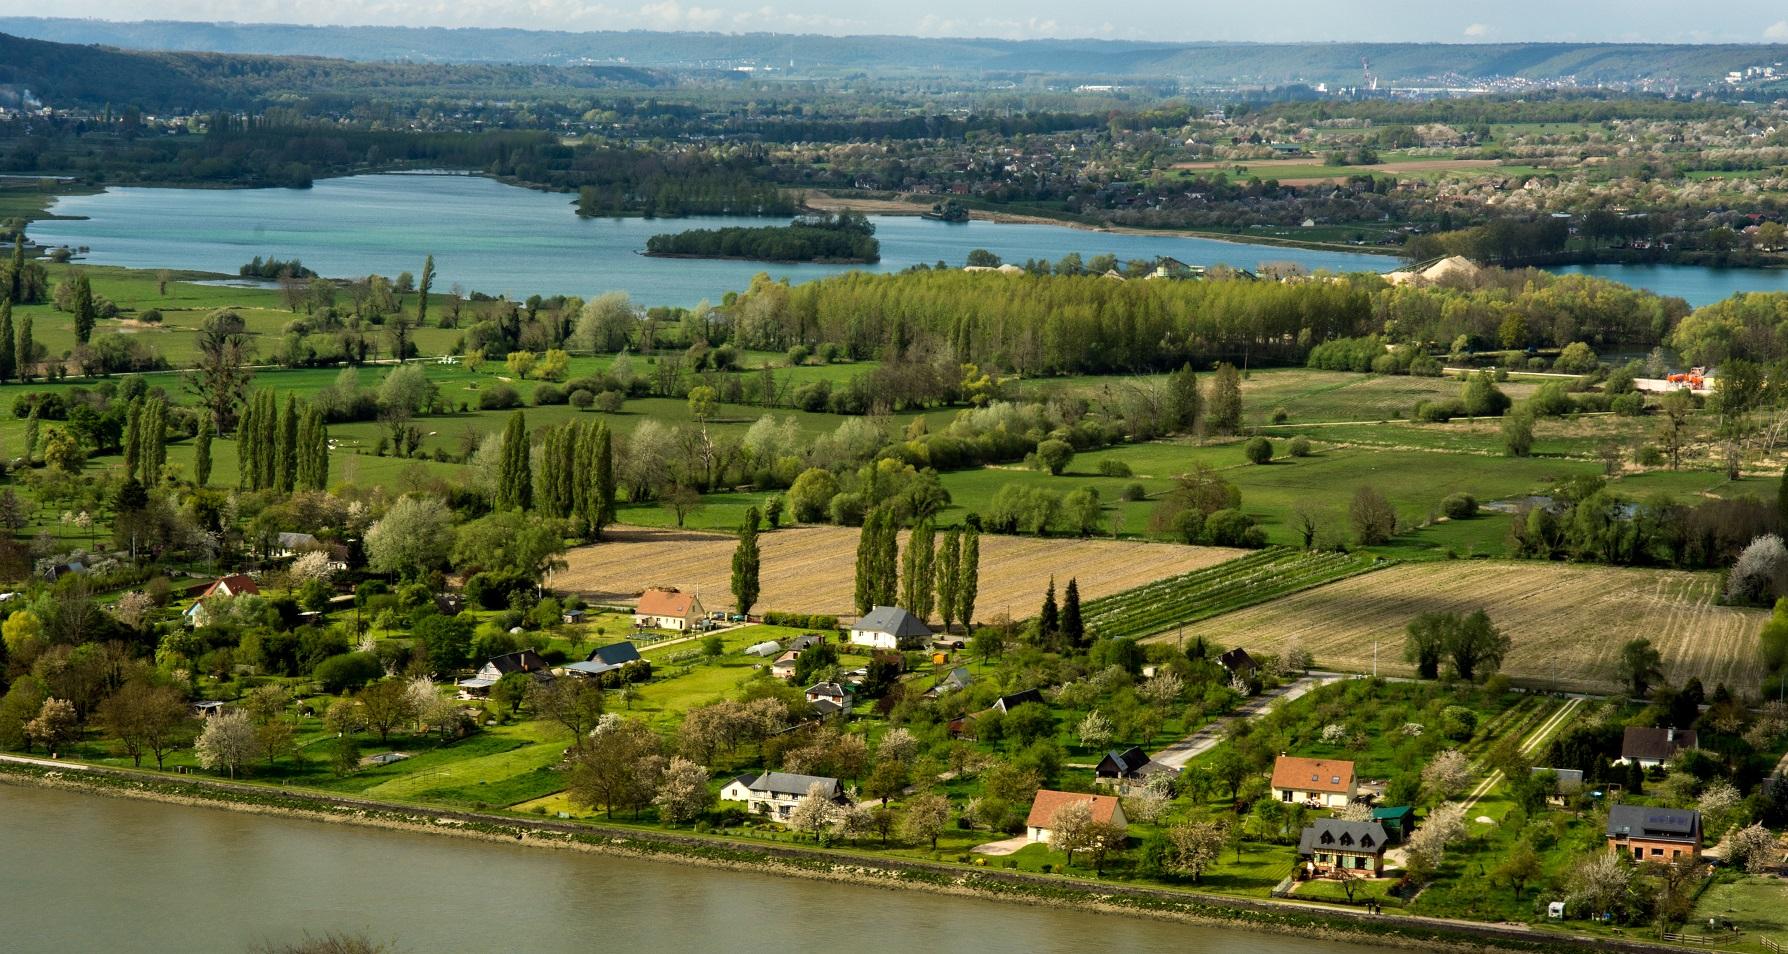 Les boucles de la Seine